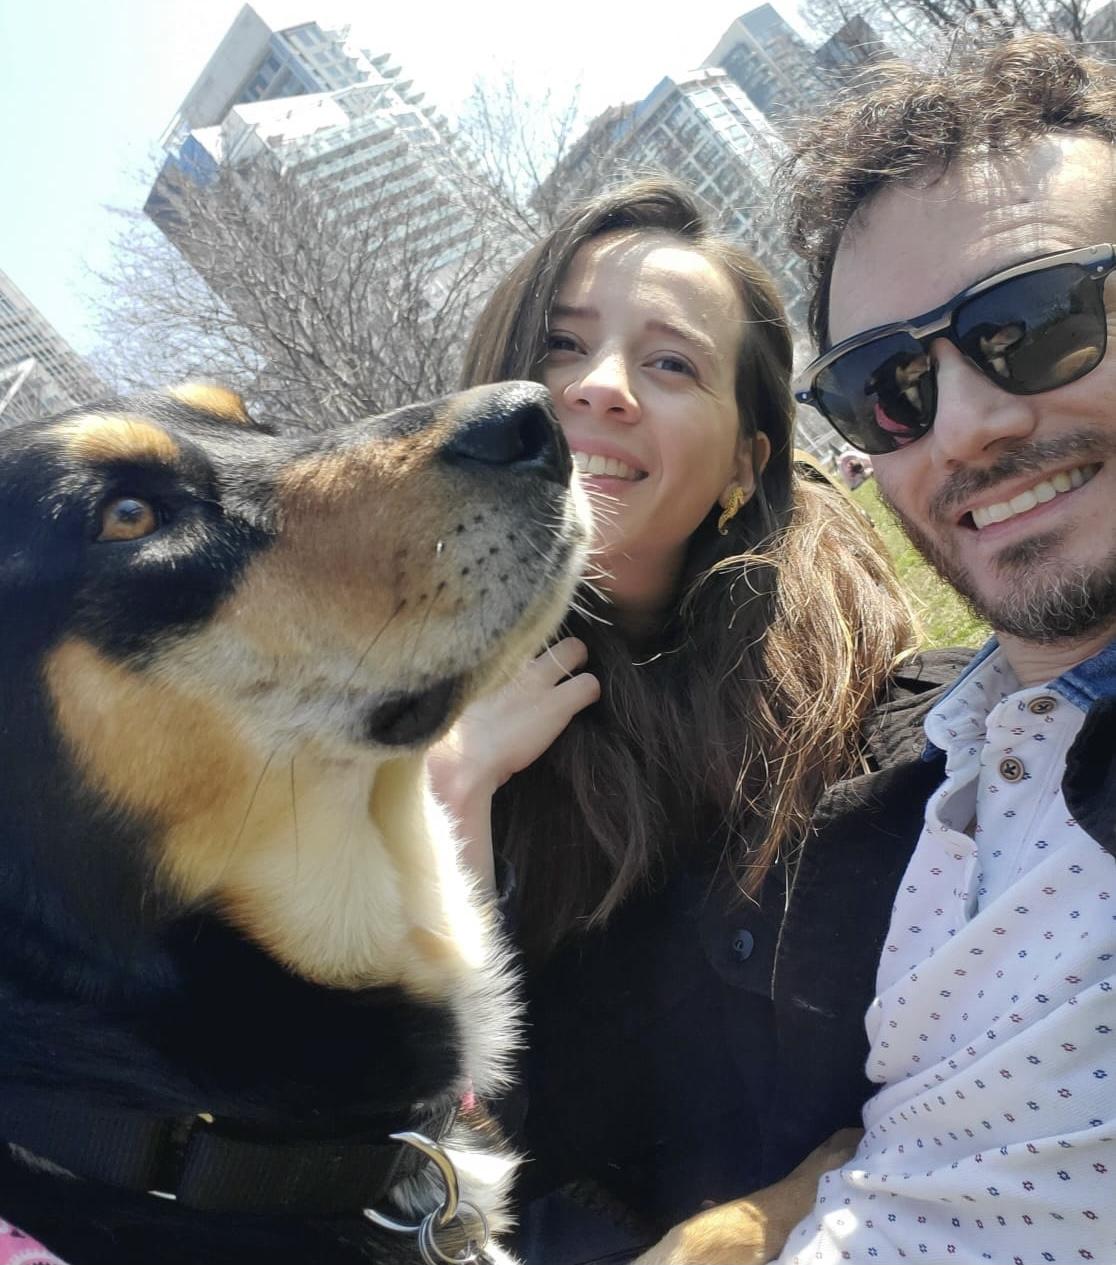 Natalia Ruiz y Carlos Cardona en Fort York Park. Toronto, Ontario.